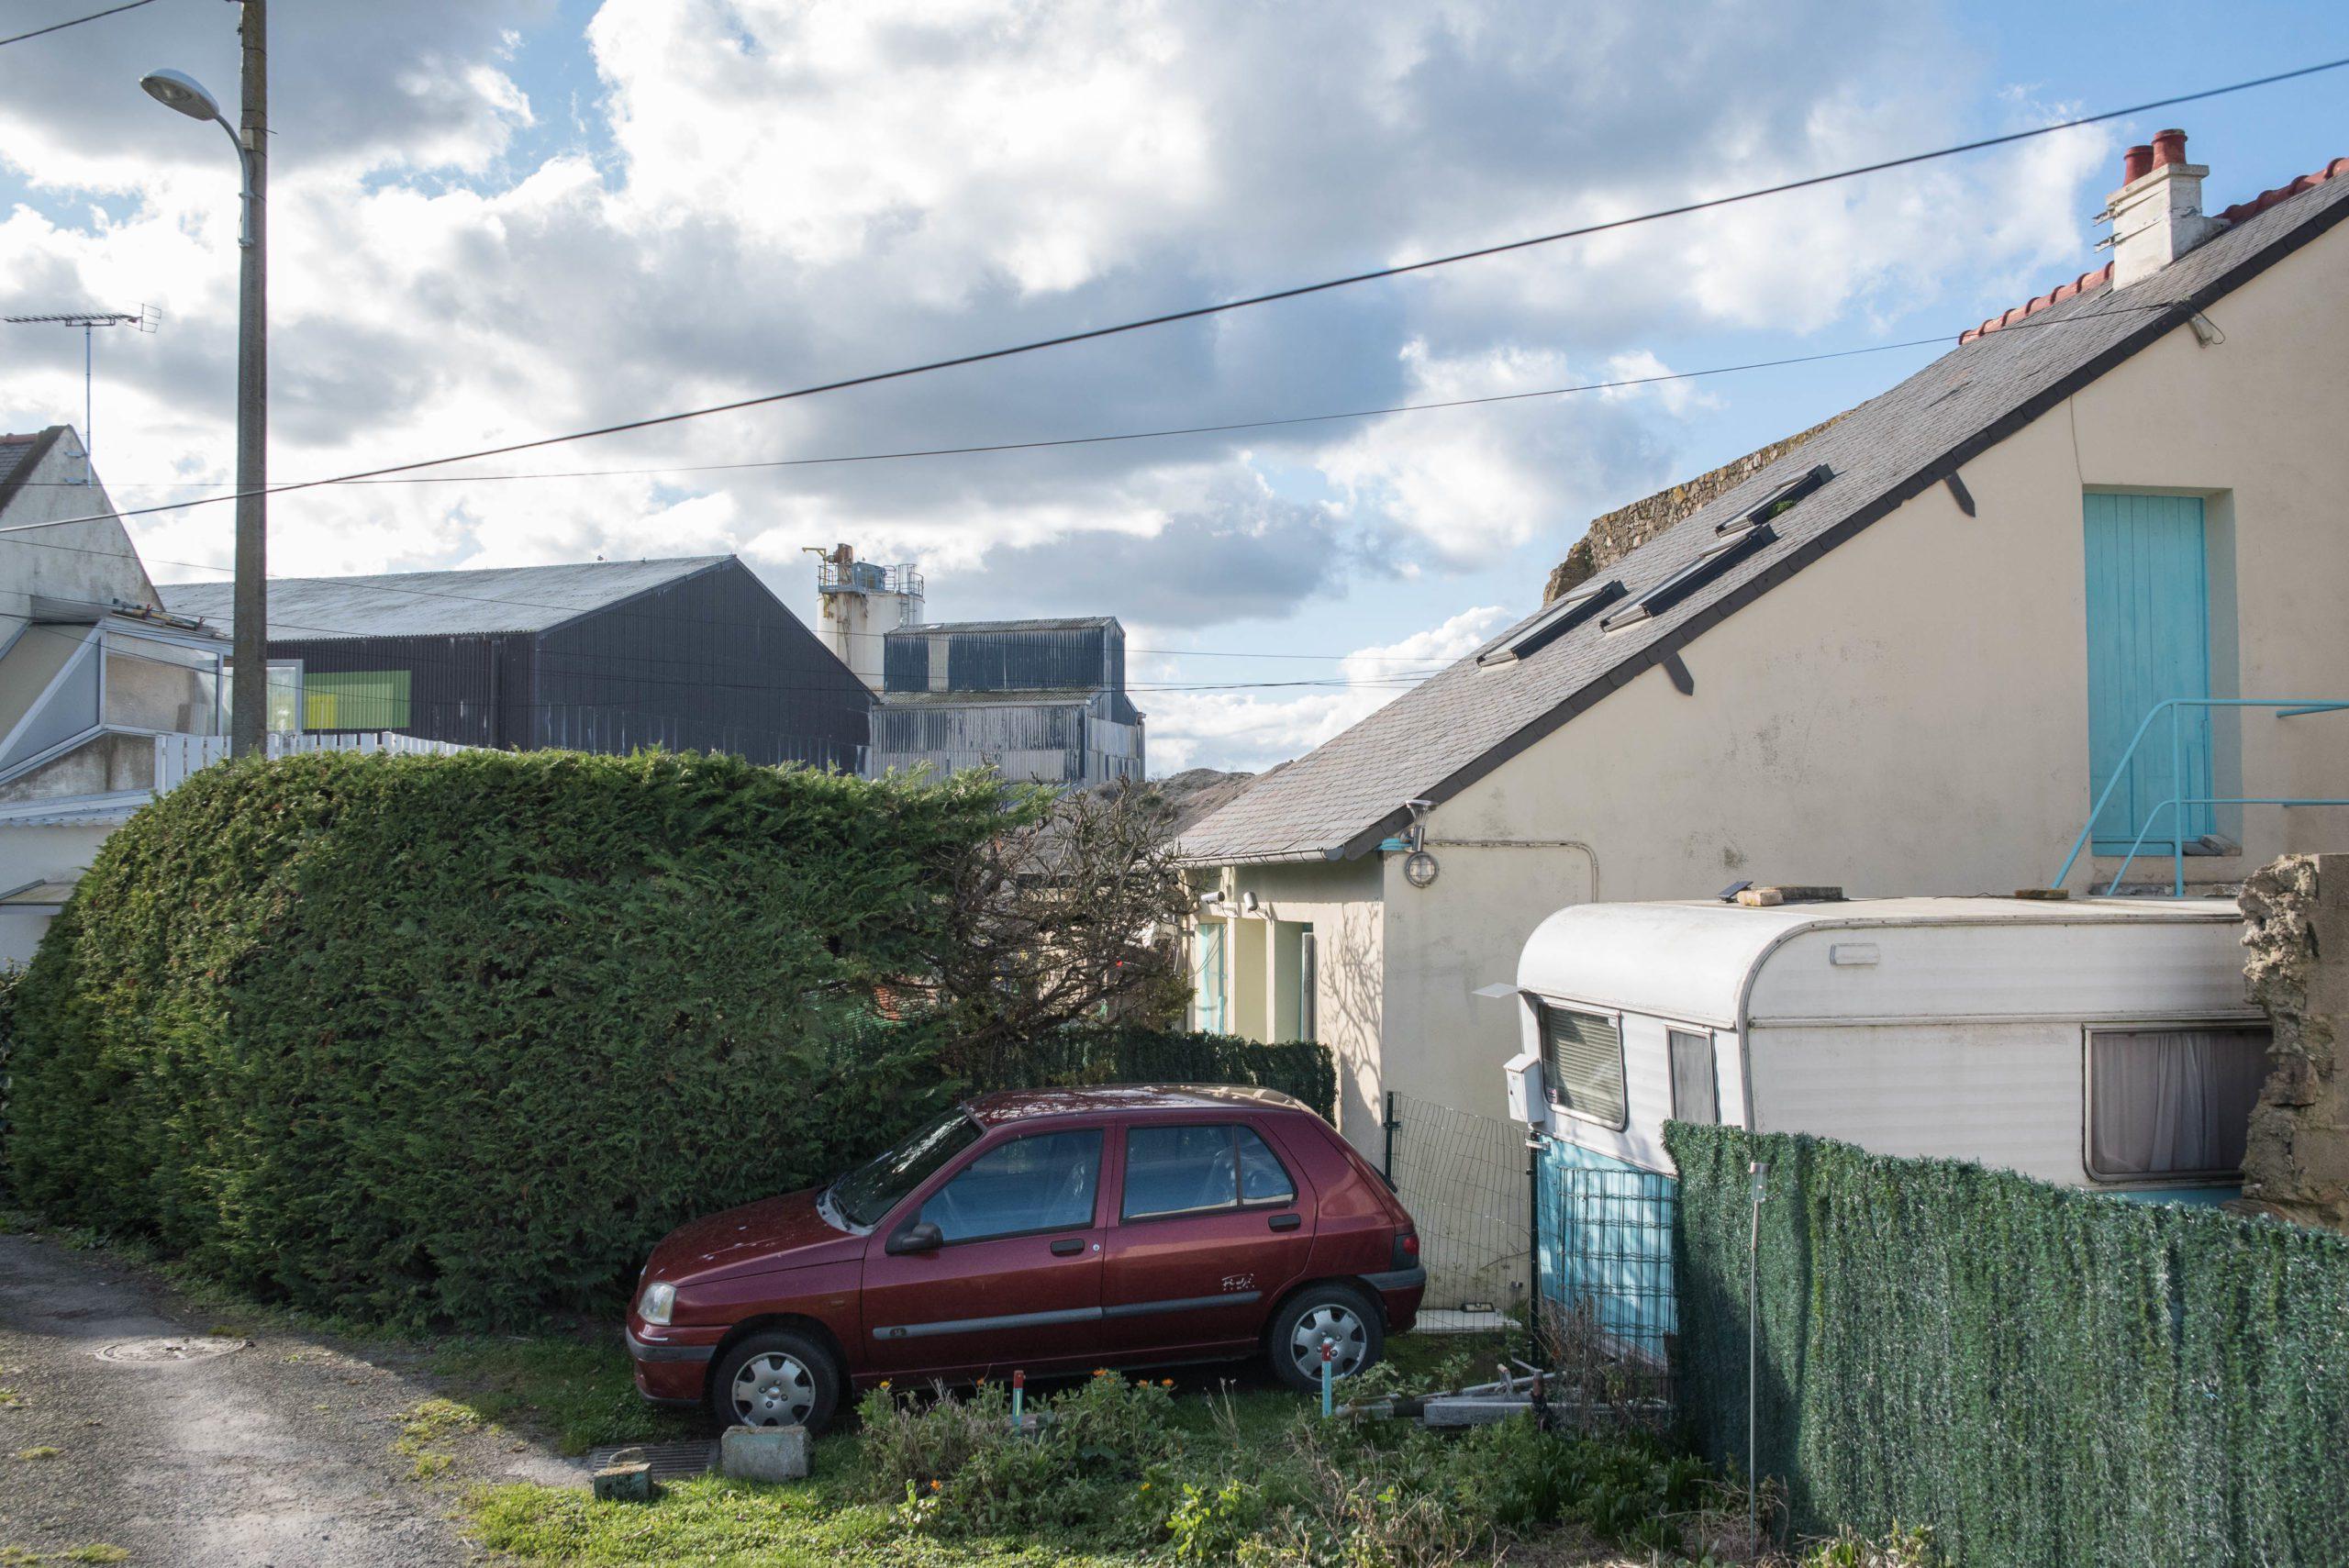 L'usine Timac Agro jouxte une zone résidentielle, à Saint-Malo. Les riverains se plaignent des odeurs et certains affirment souffrir de douleurs physiques. Jean-Philippe Corre - Splann !